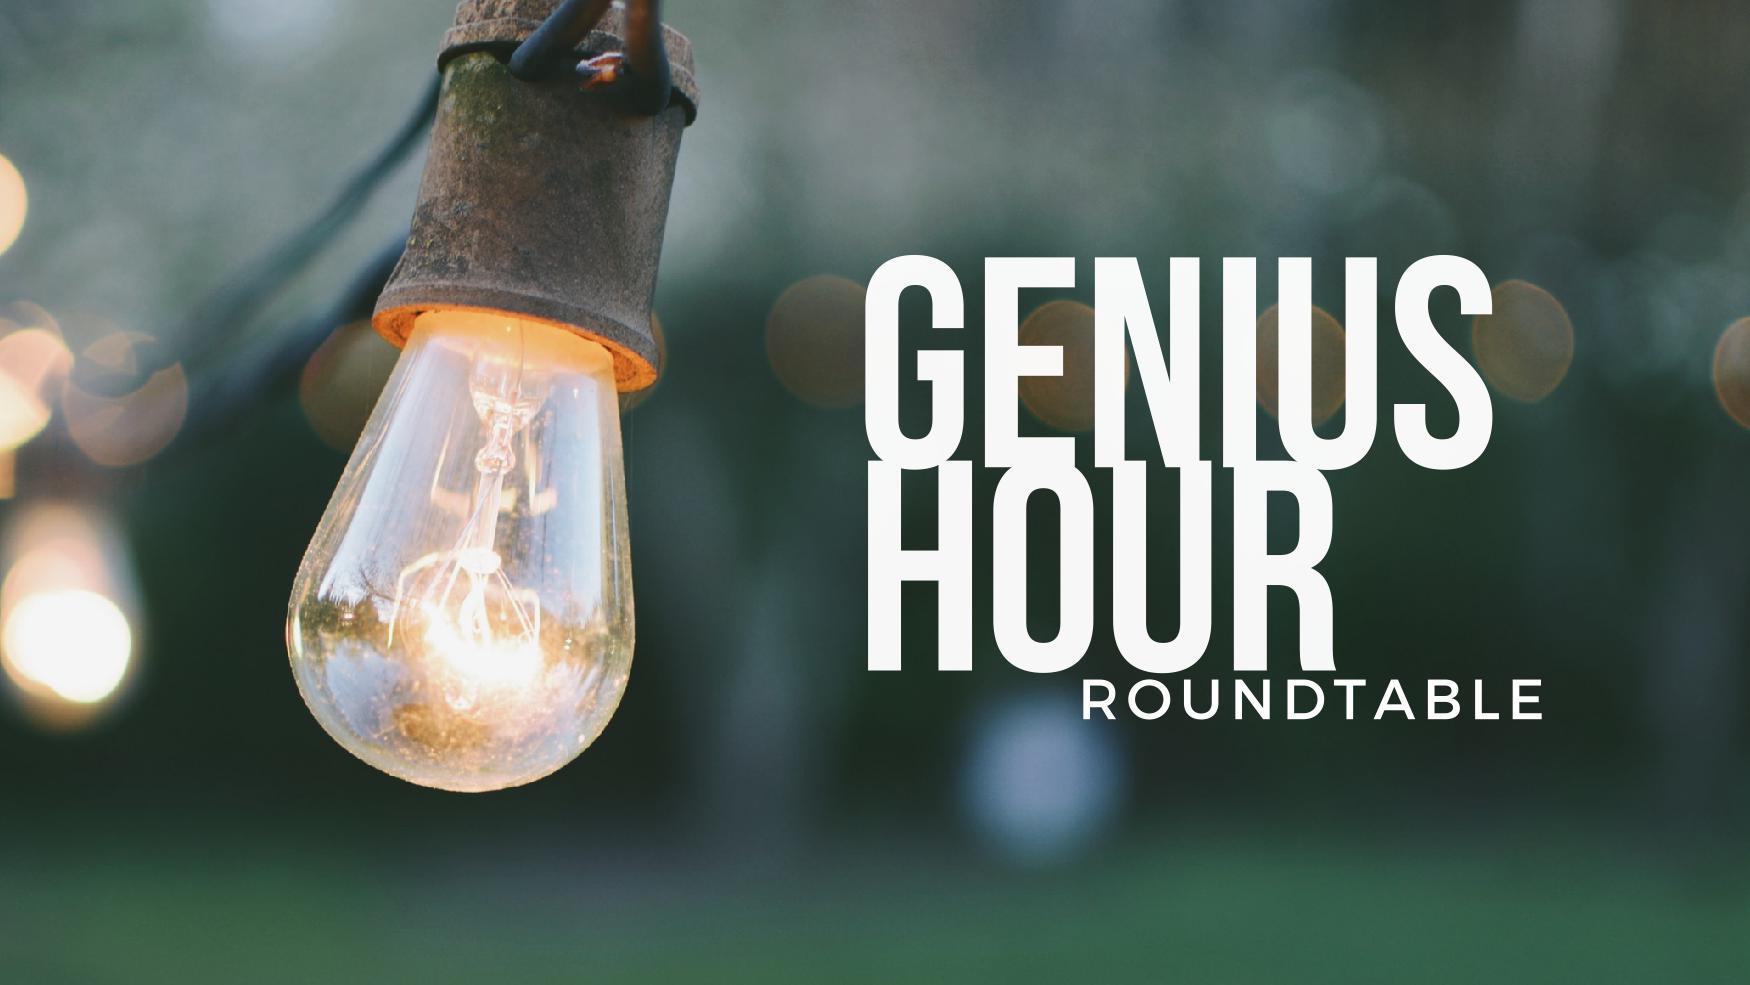 genius-hour-roundtable.jpg